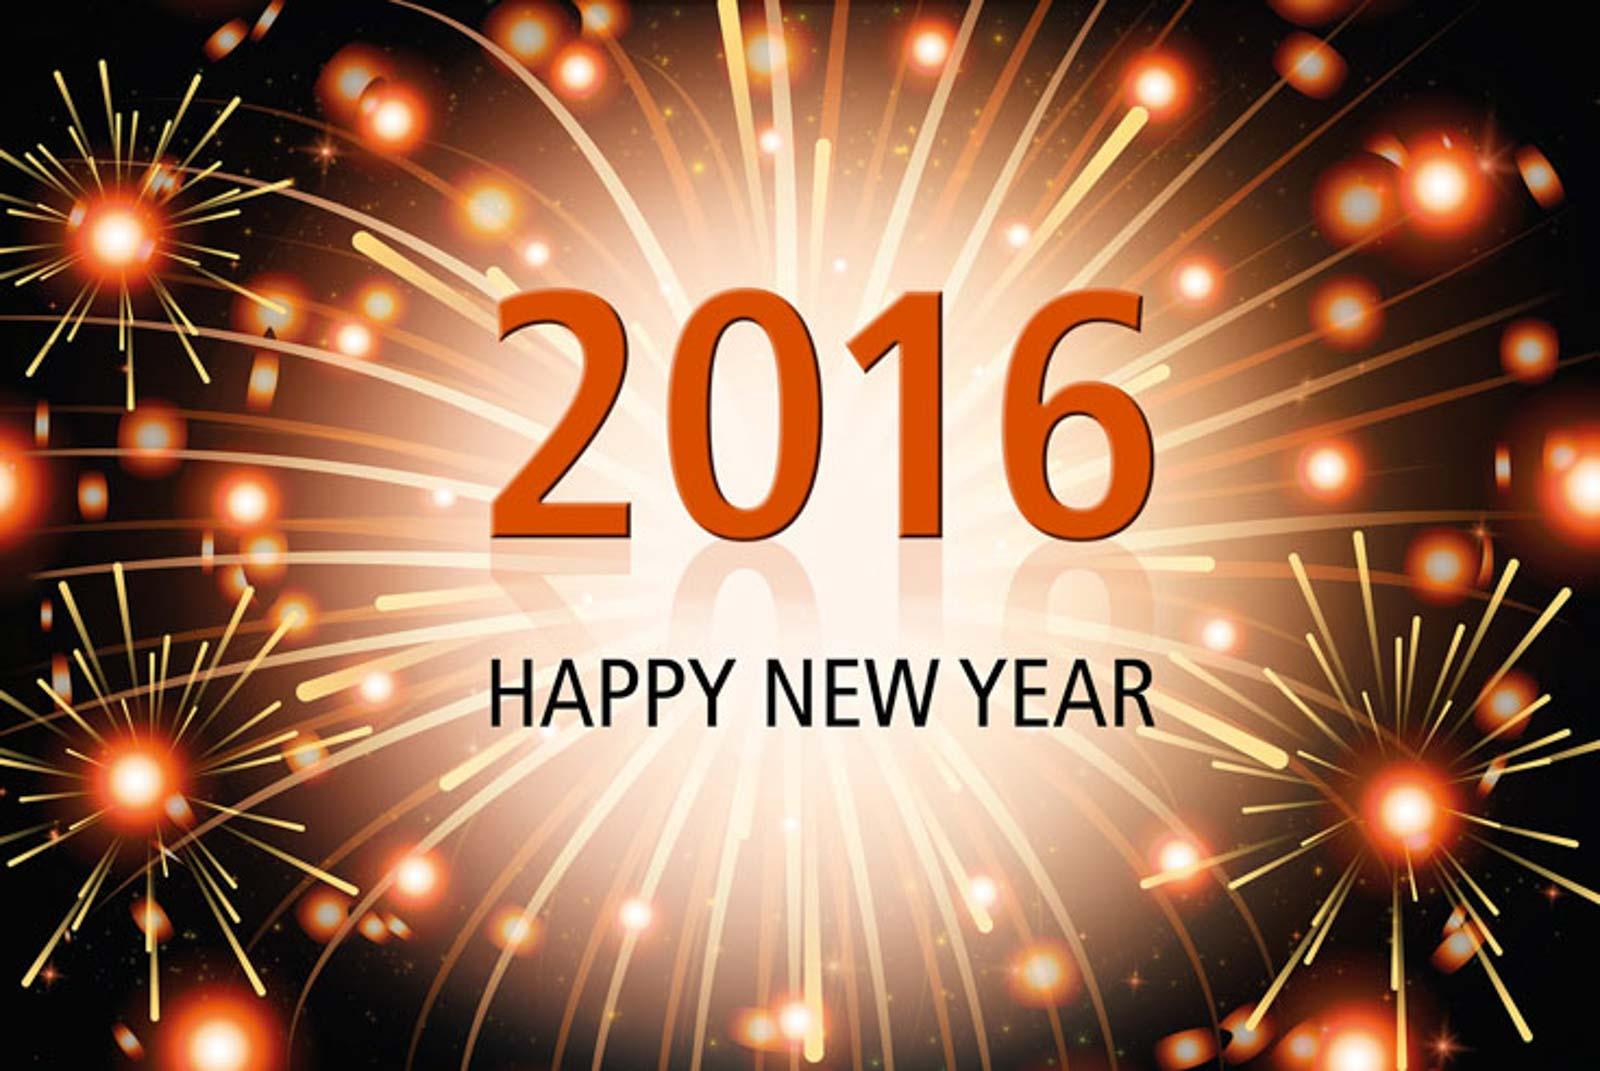 Happ New Year 2016 – Rückblick und Ausblick